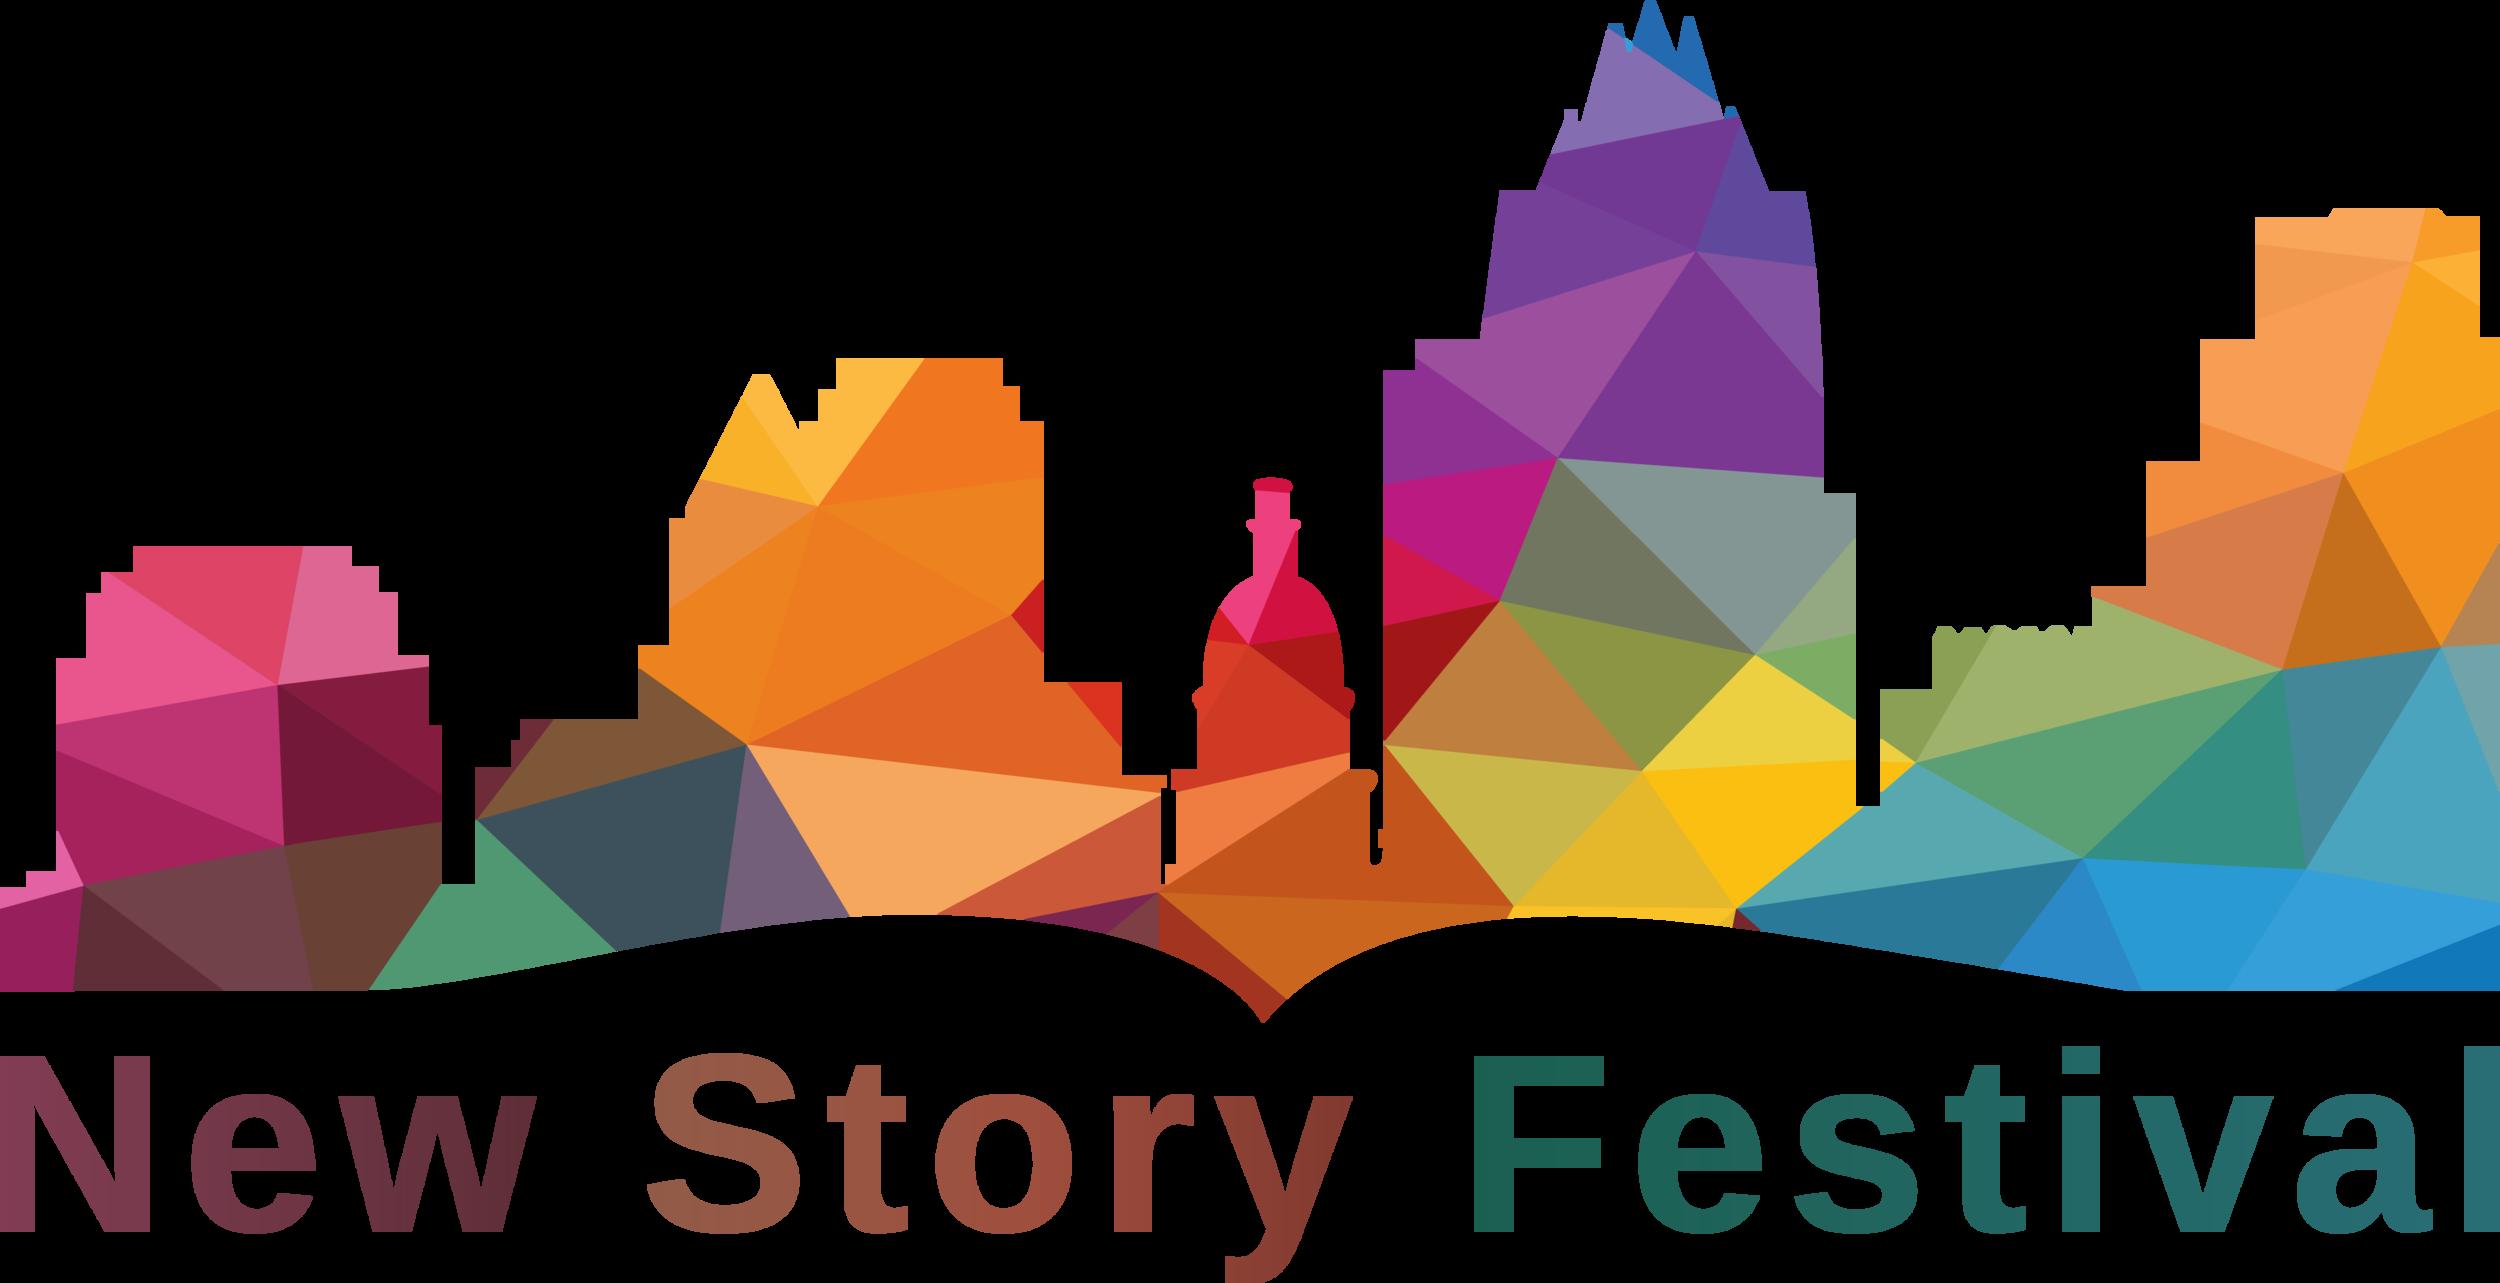 New Story Festival